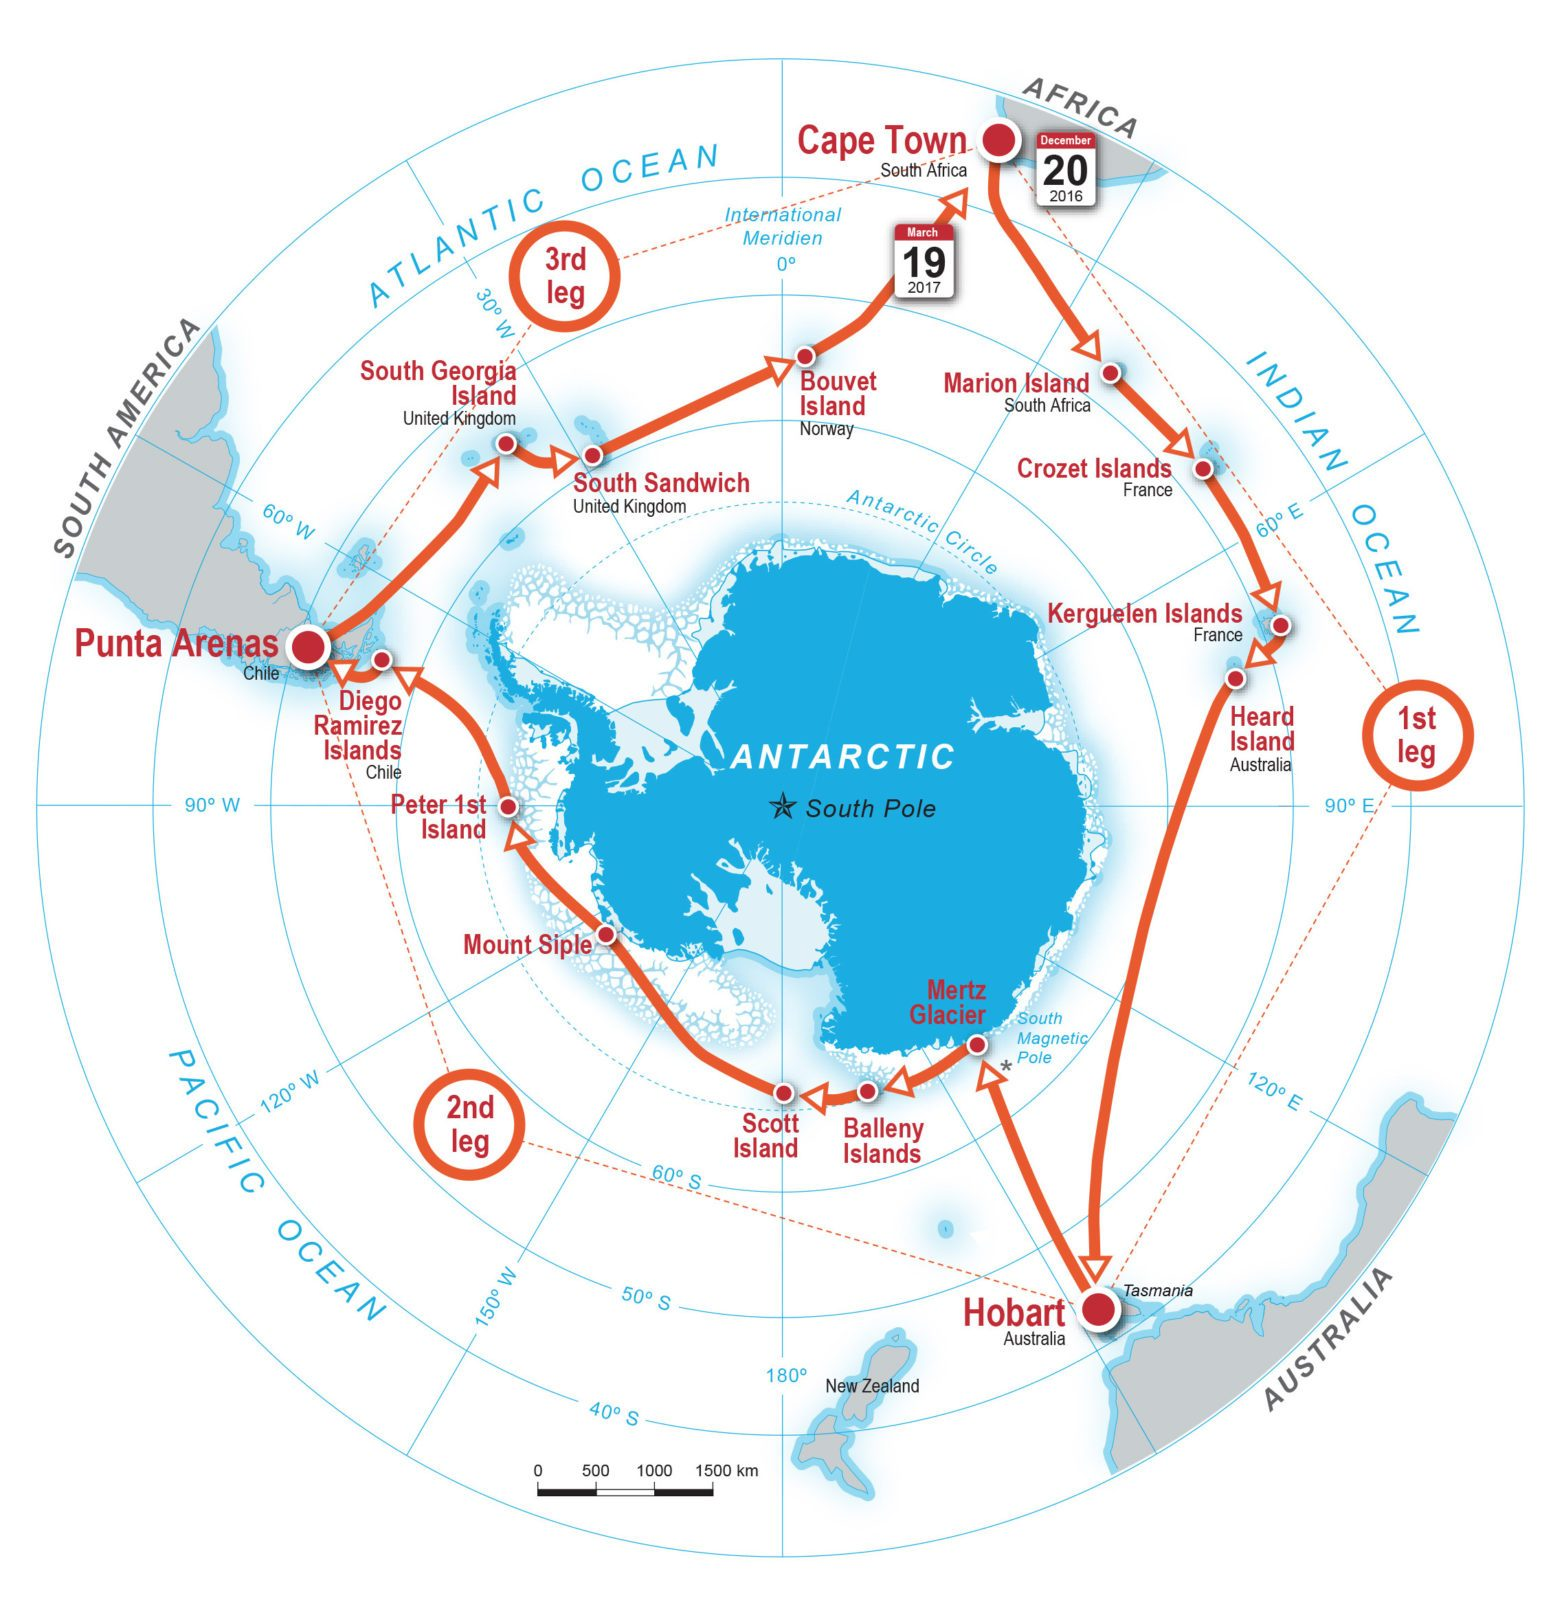 Истории из жизни IT-специалиста на судне, прошедшем вокруг Антарктики - 3